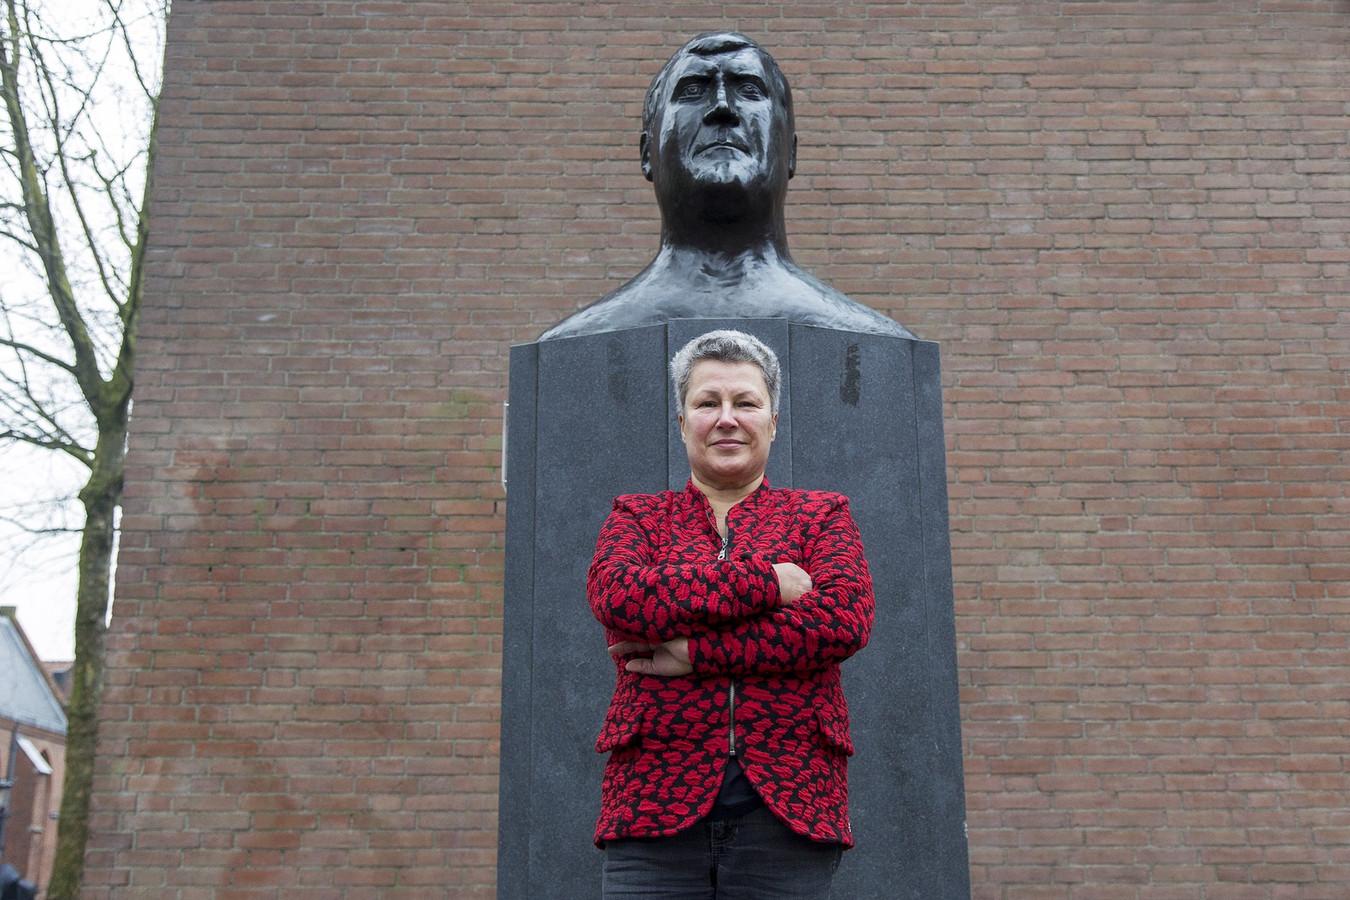 Seniorburgemeester van Wijk C, Corrie Huiding, maakte zich sterk om het standbeeld van Anton Geesink naar een betere plek in zijn geboortewijk te krijgen.